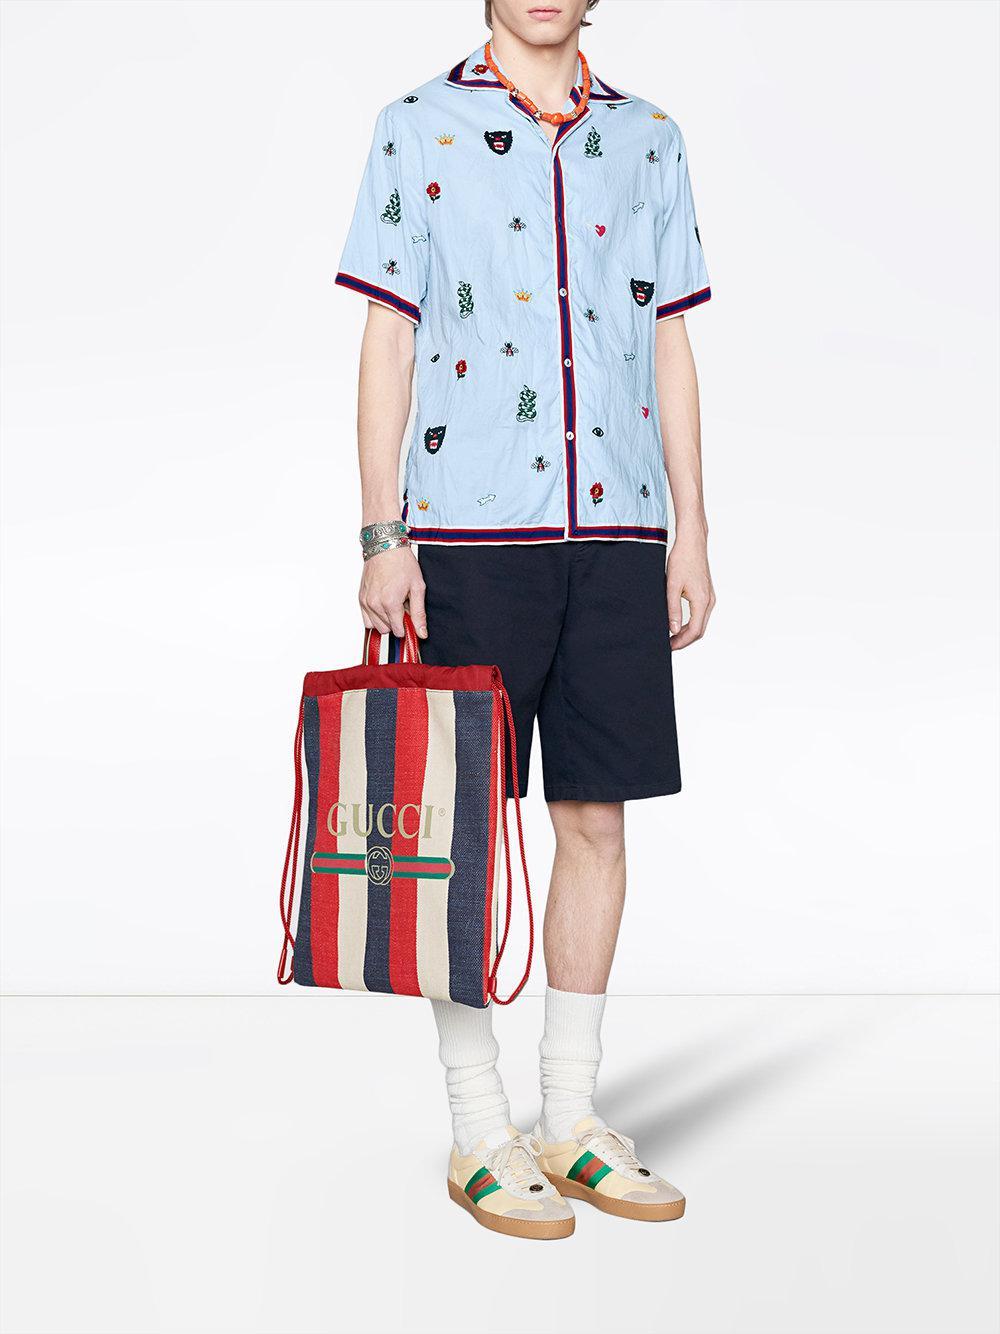 09c3d77771af Gucci Print Medium Drawstring Backpack in Red for Men - Lyst